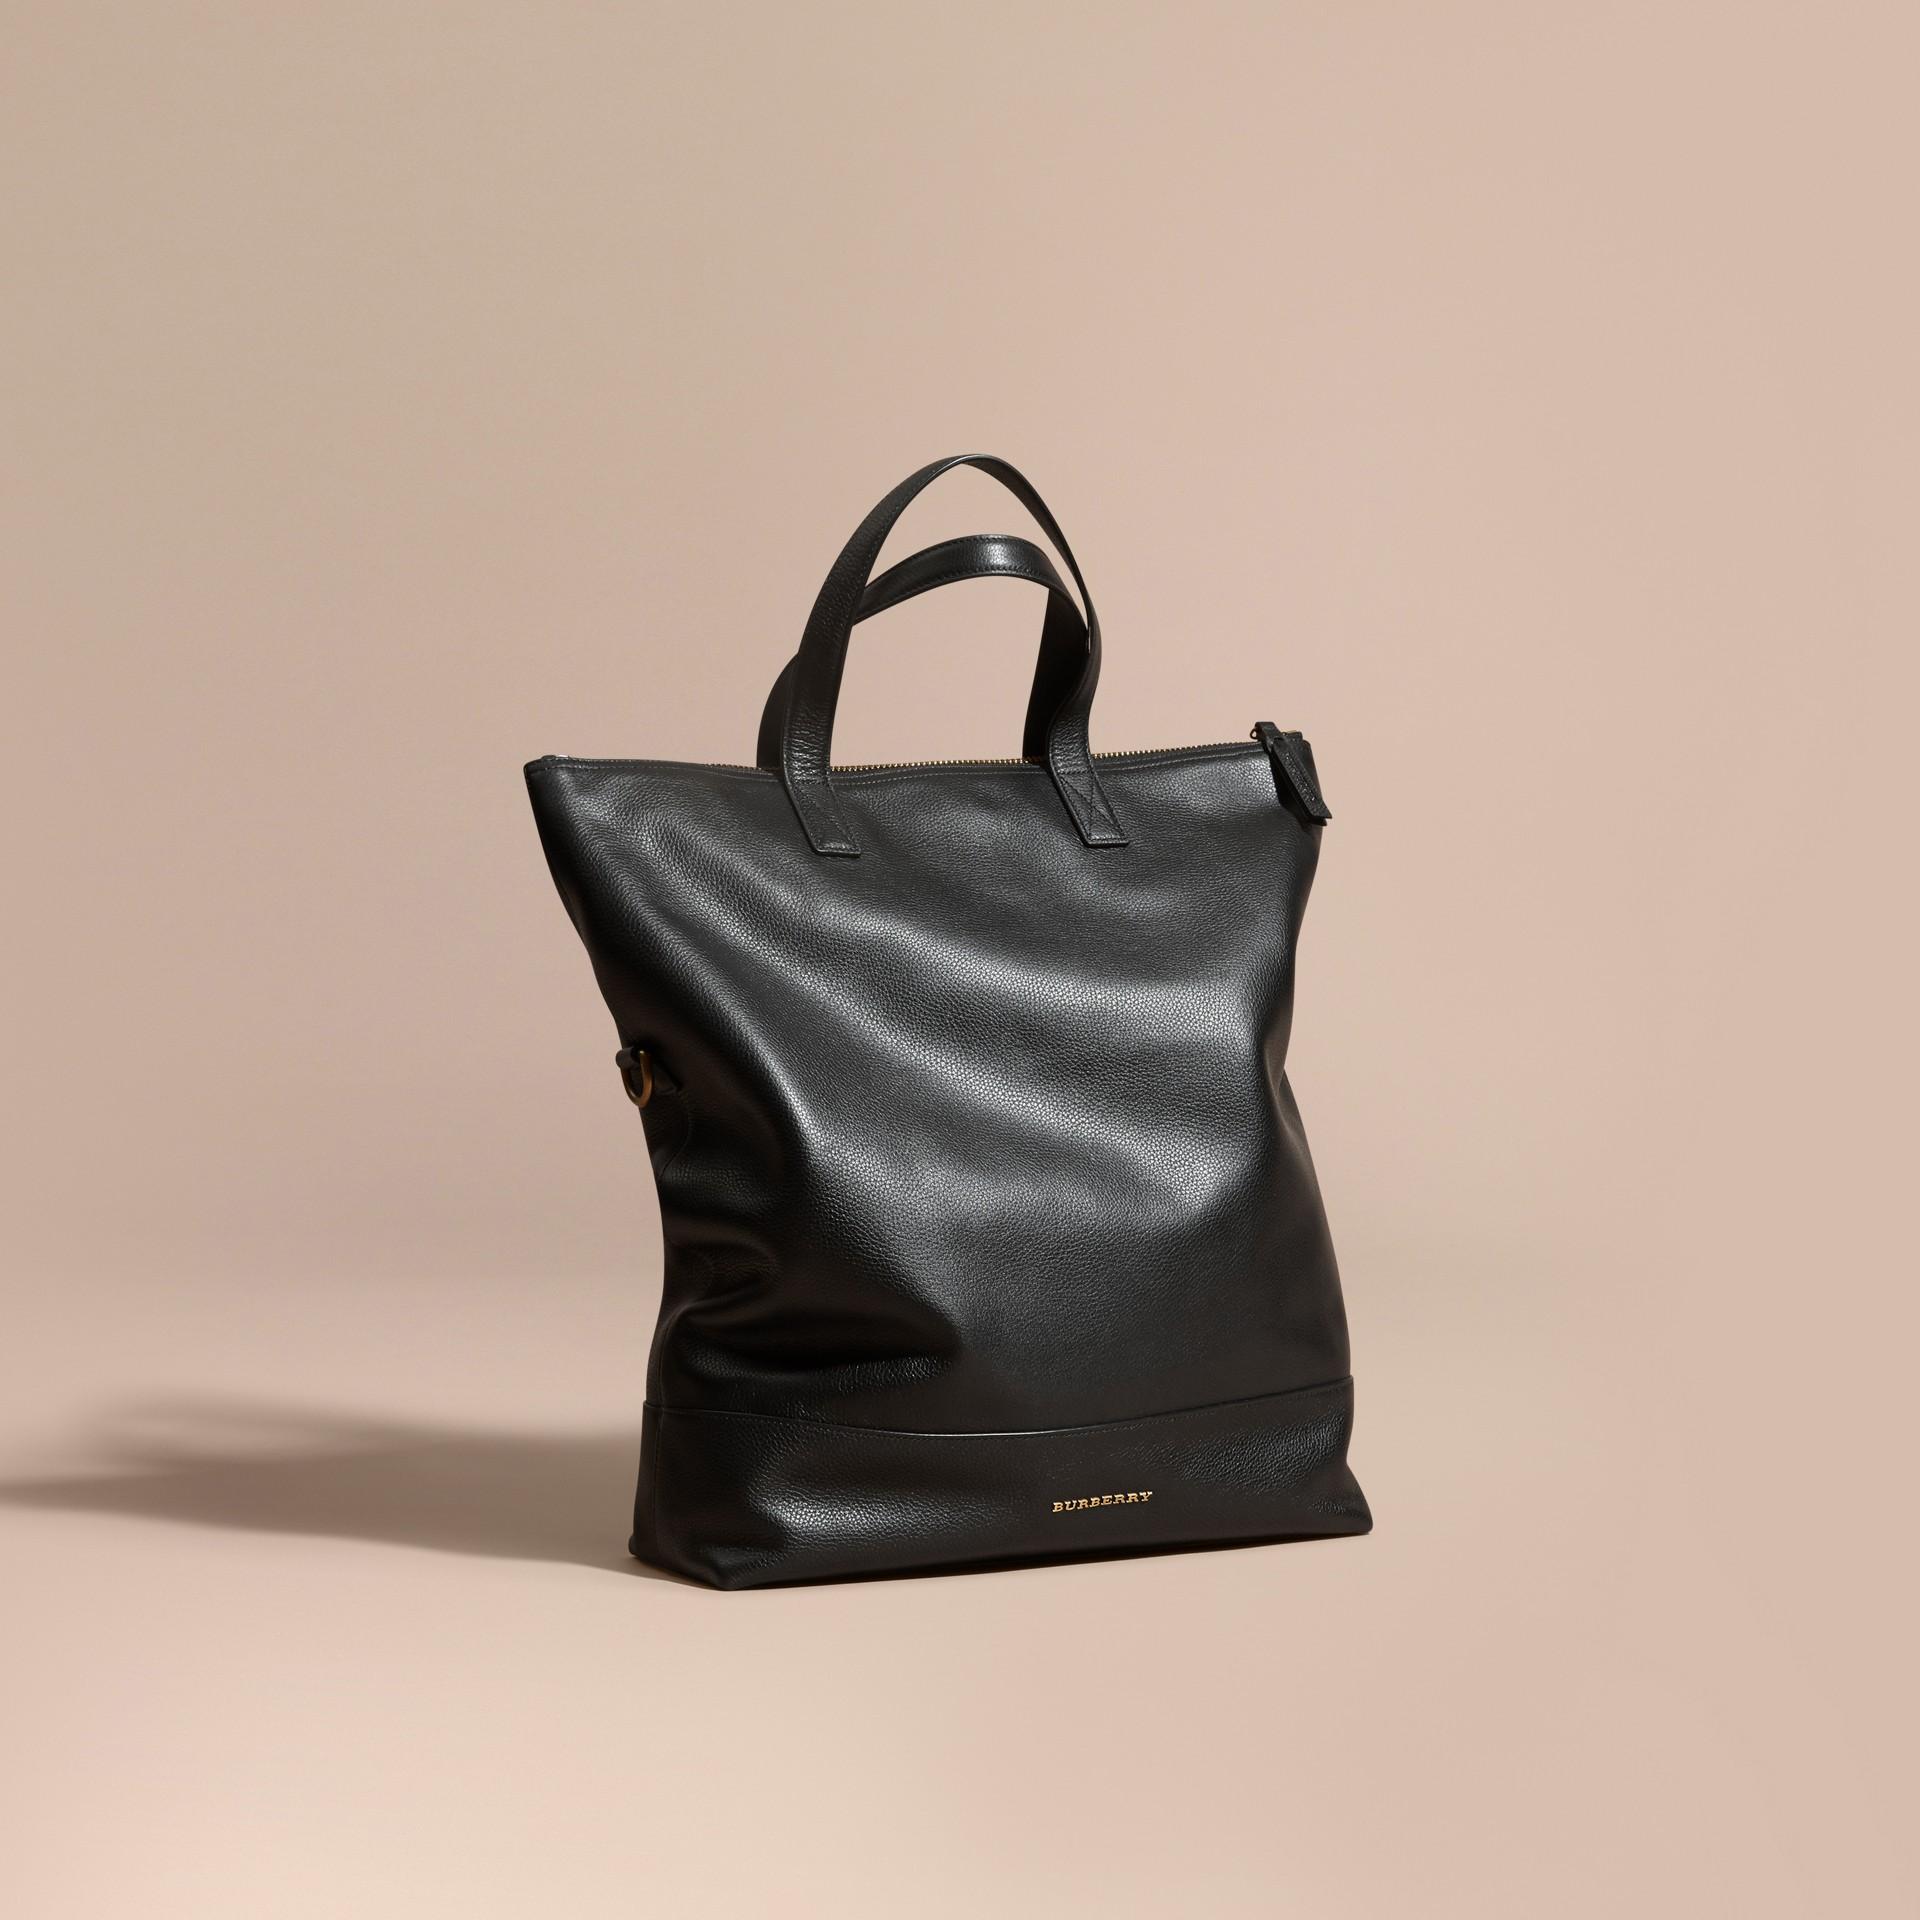 Noir Sac Messenger pliable en cuir grené - photo de la galerie 8